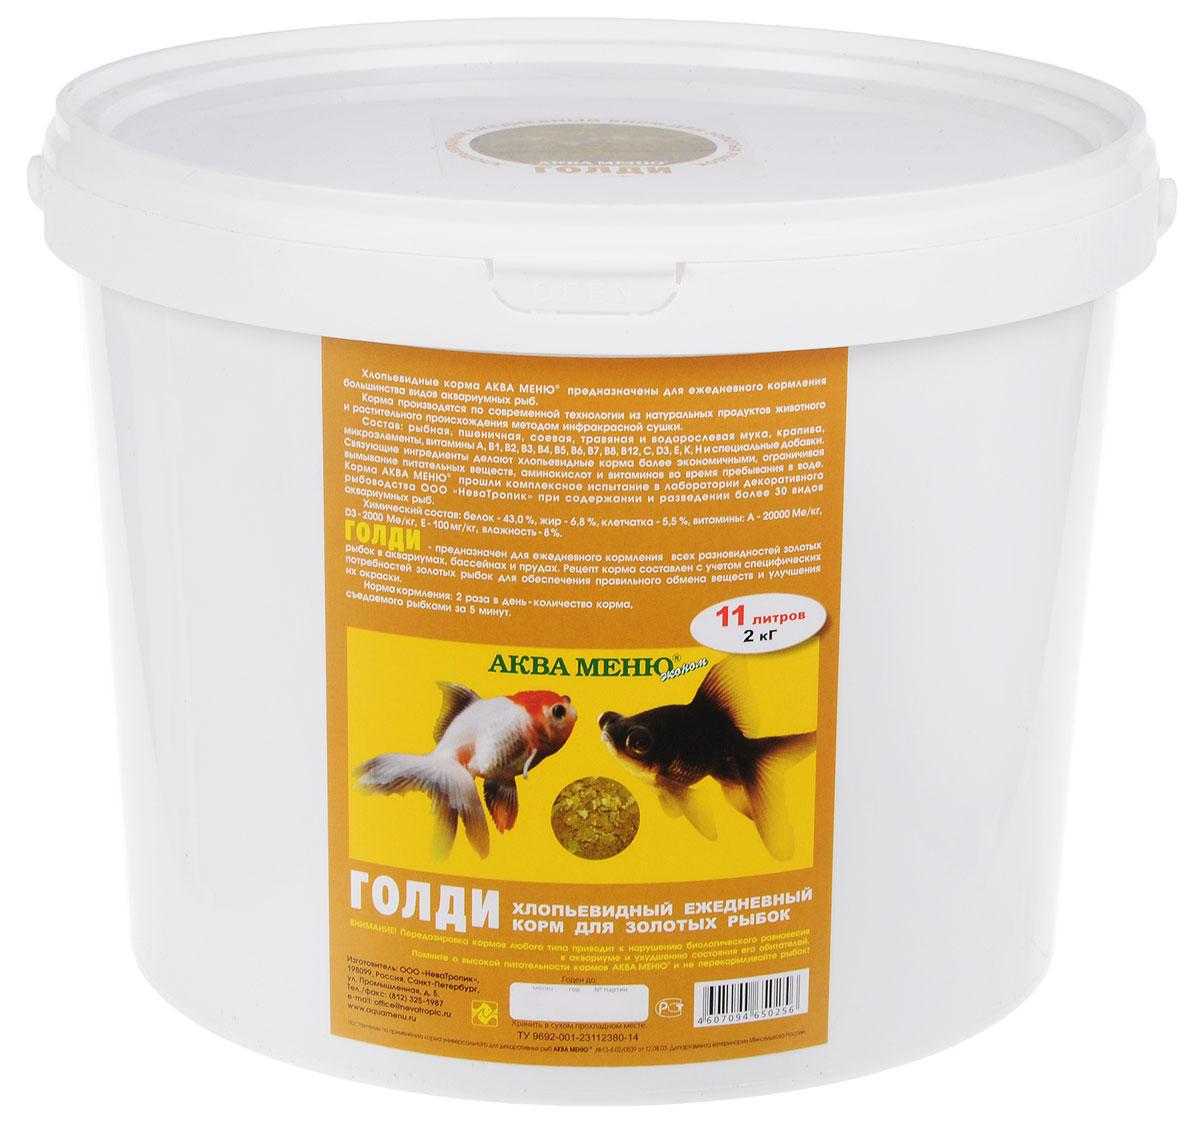 Корм Aquamenu Голди, для золотых рыбок, 11 л (2 кг)00000001053Хлопьевидный корм Aquamenu Голди предназначен для ежедневного кормления большинства видов аквариумных рыб. Корм производится по современной технологии из натуральных продуктов животного и растительного происхождения методом инфракрасной сушки. Связующие ингредиенты делают корм более экзотичным, ограничивая вымывание питательных веществ, аминокислот и витаминов во время пребывания в воде. Рецепт корма составлен с учетом специфических потребностей золотых рыбок для обеспечения правильного обмена веществ и улучшения их окраски. Состав: рыбная, пшеничная, соевая, травяная и водорослевая мука, крапива, микроэлементы, витамины A, B1, B2, B3, B4, B5, B6, B7, B8, B12, C, D3, E, K, H и специальные добавки. Товар сертифицирован.